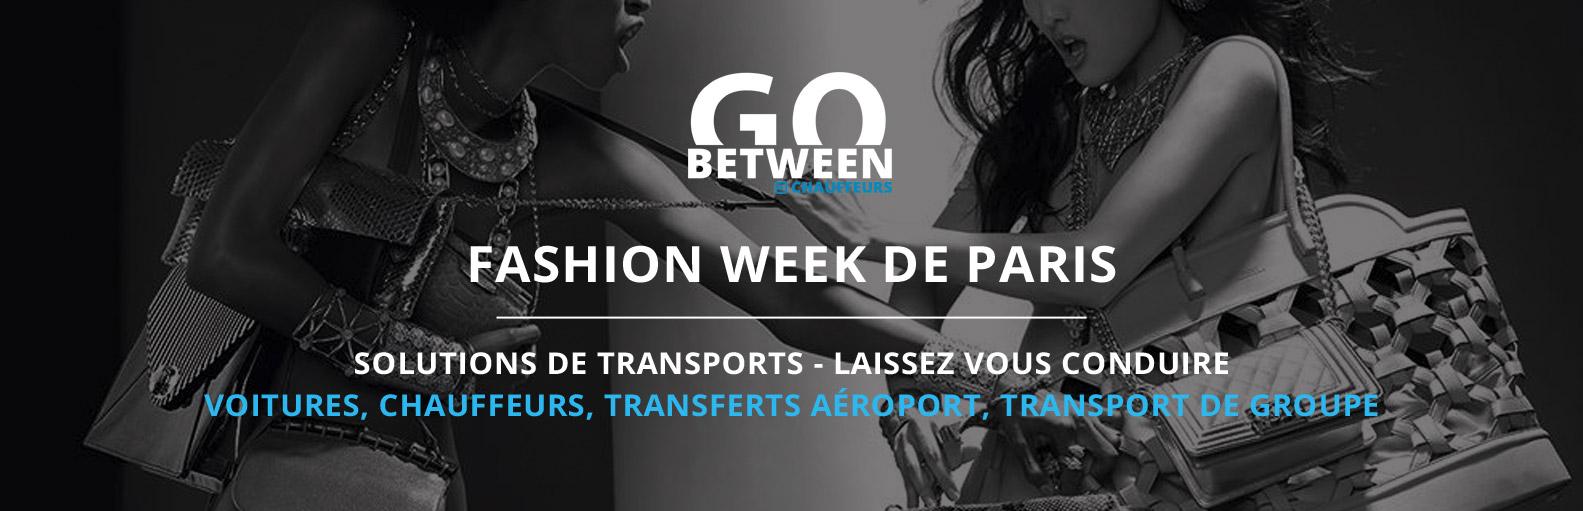 Fashion week Paris chauffeur privé VTC avec ou sans voiture